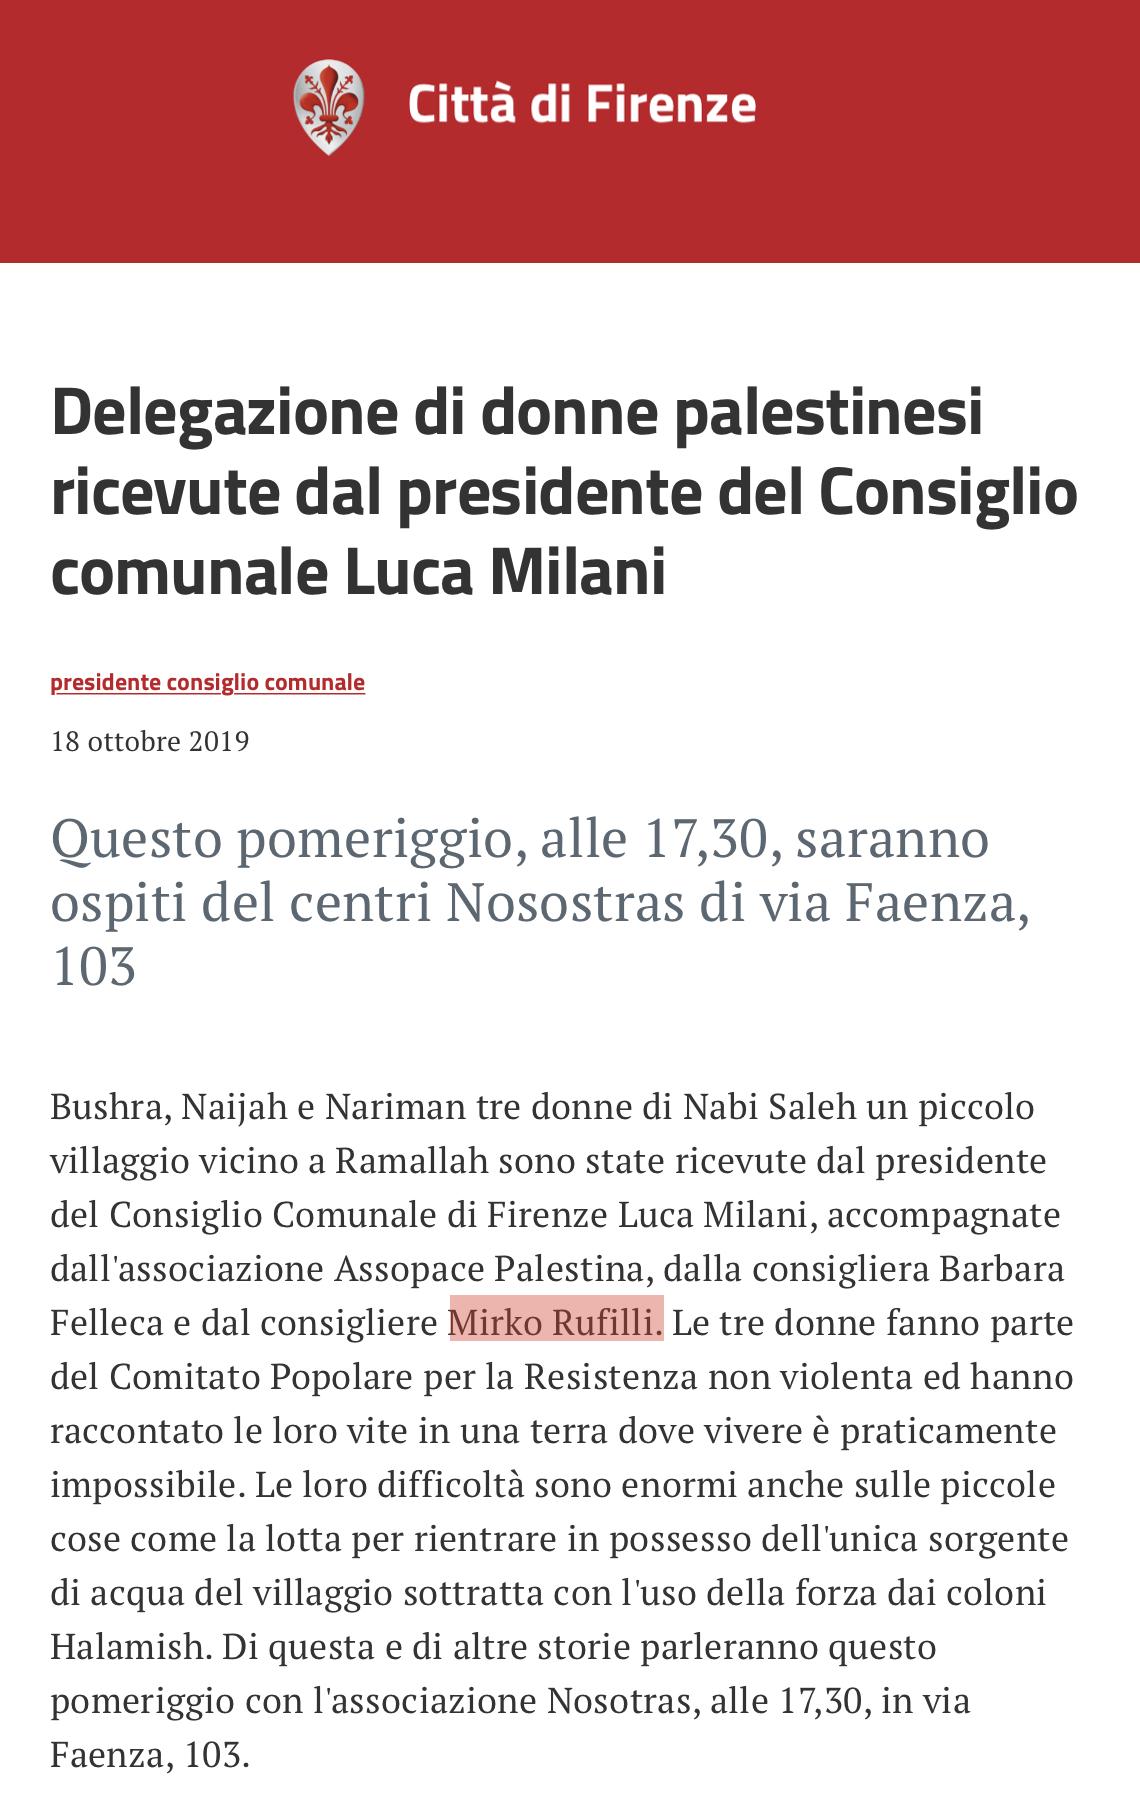 Palestinesi in Palazzo Vecchio